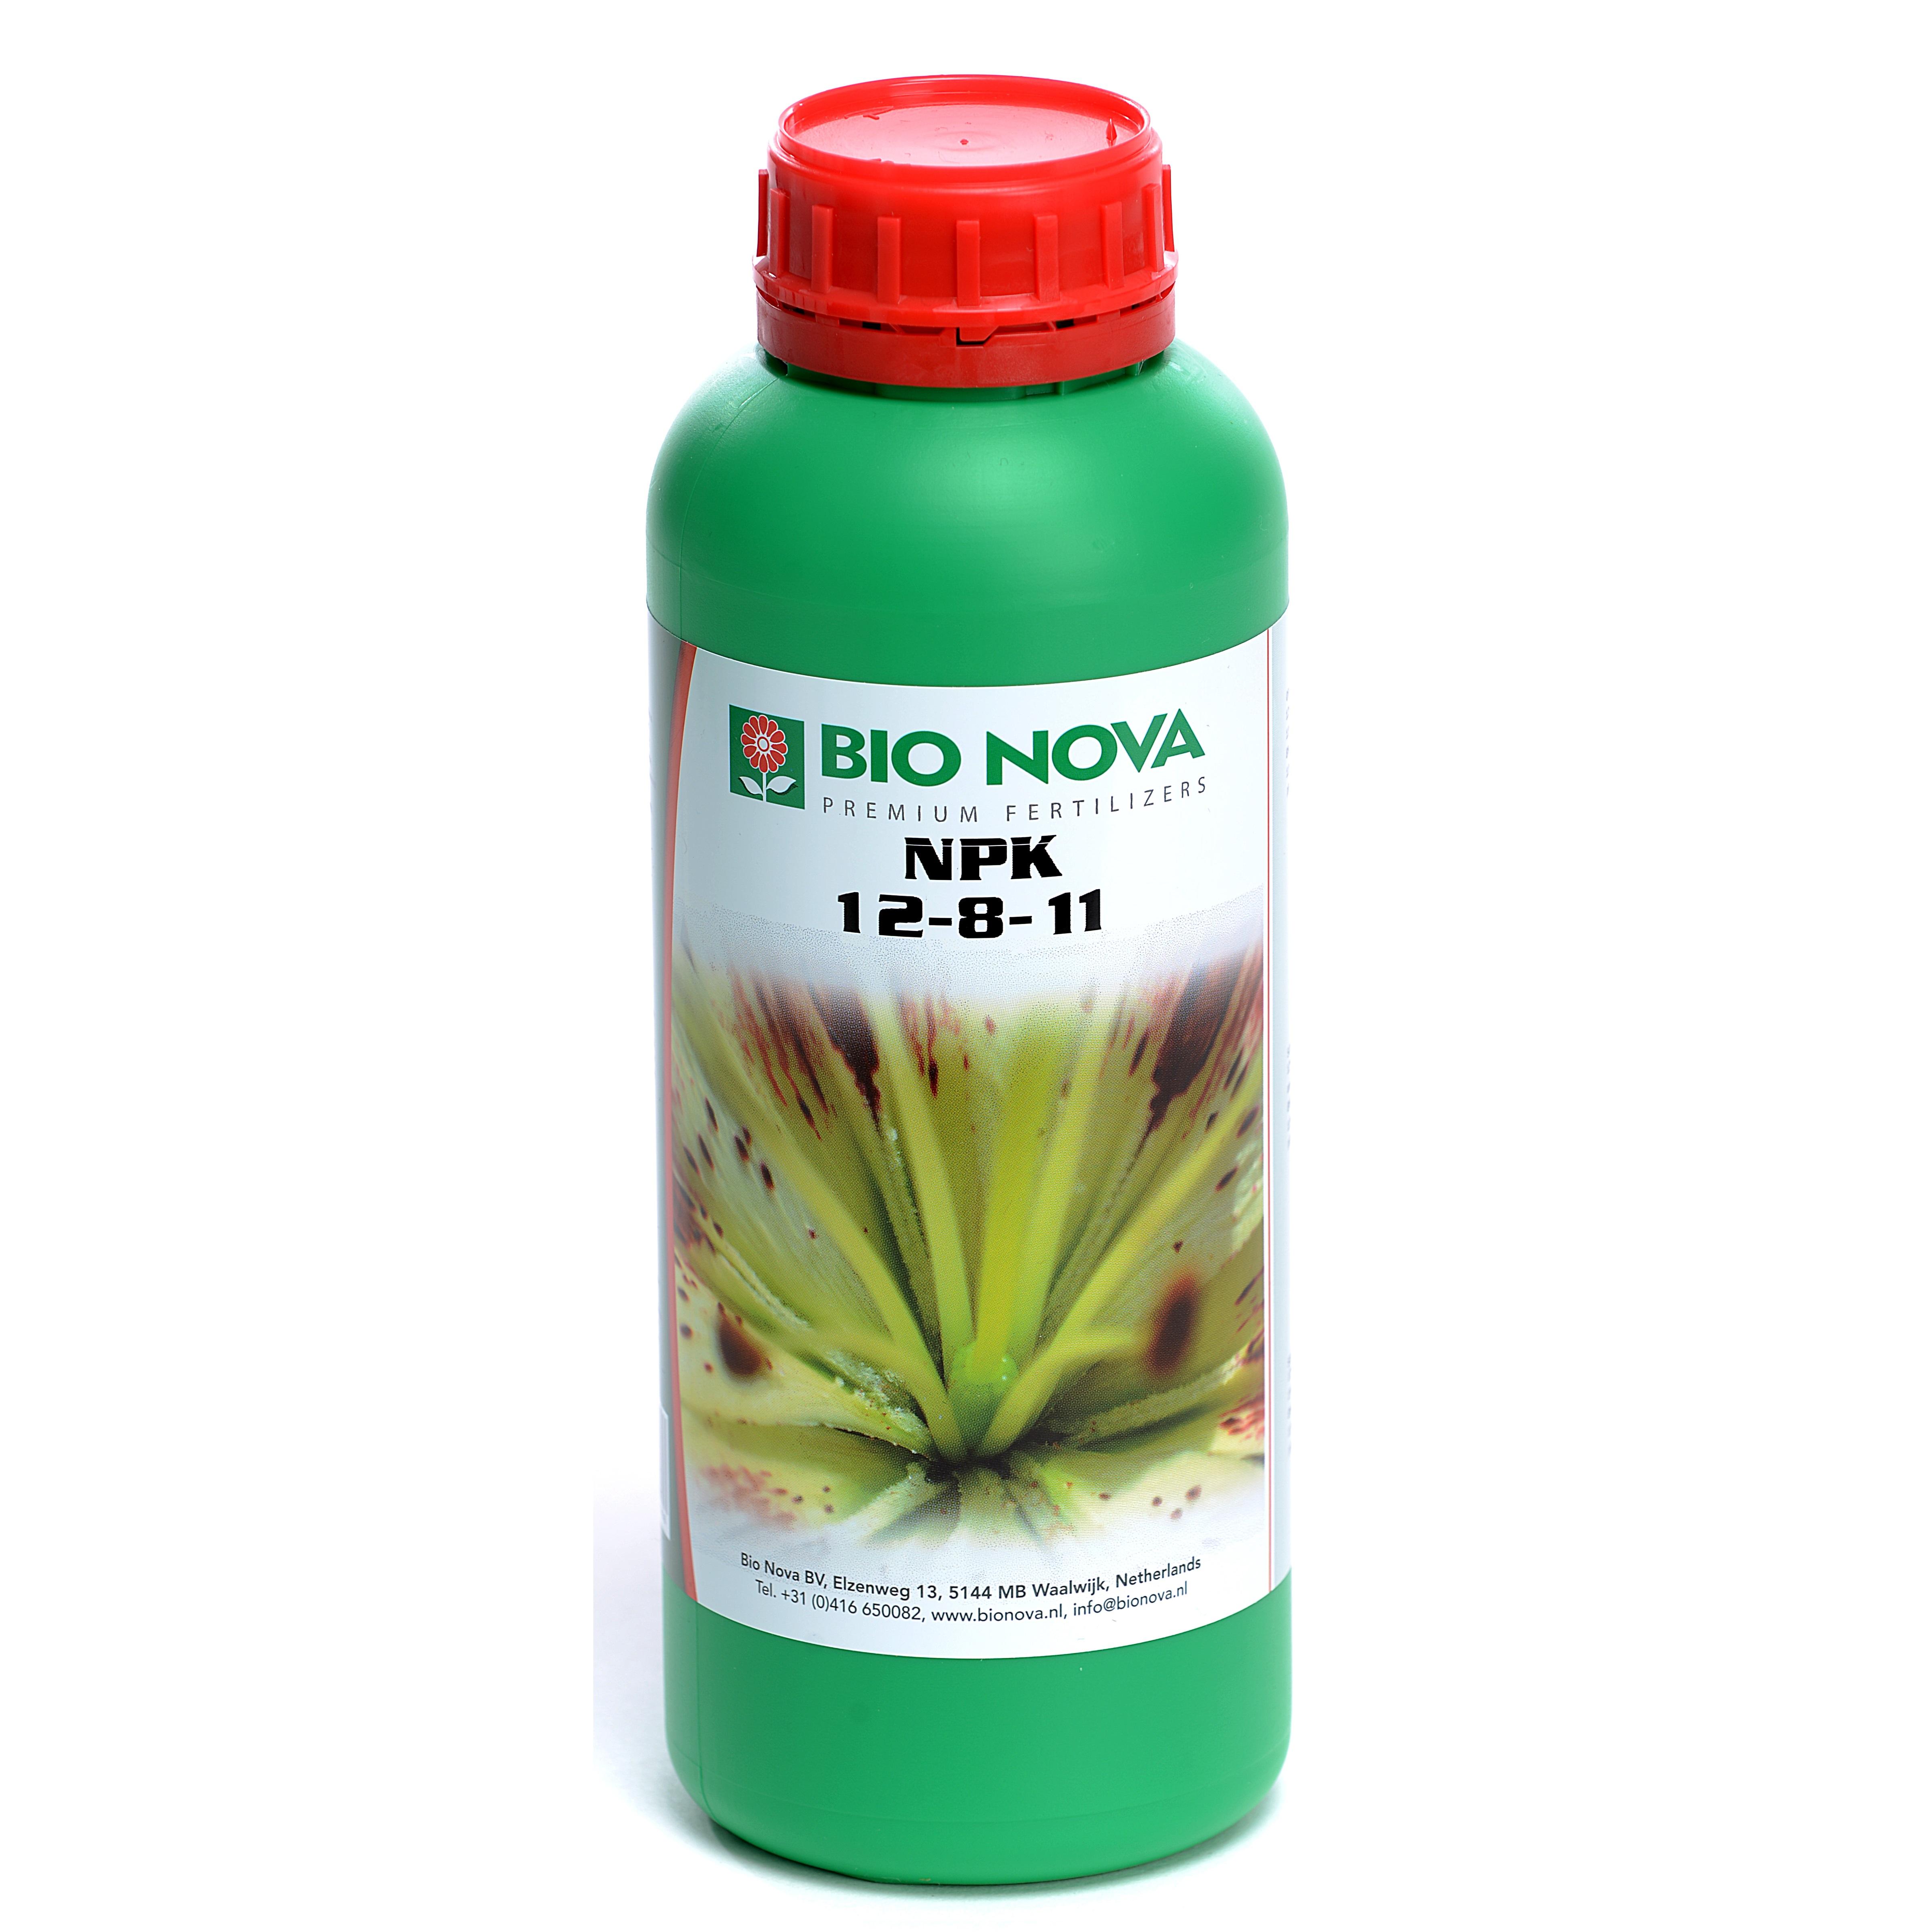 Bio Nova BN NPK 12-8-11 1 Liter